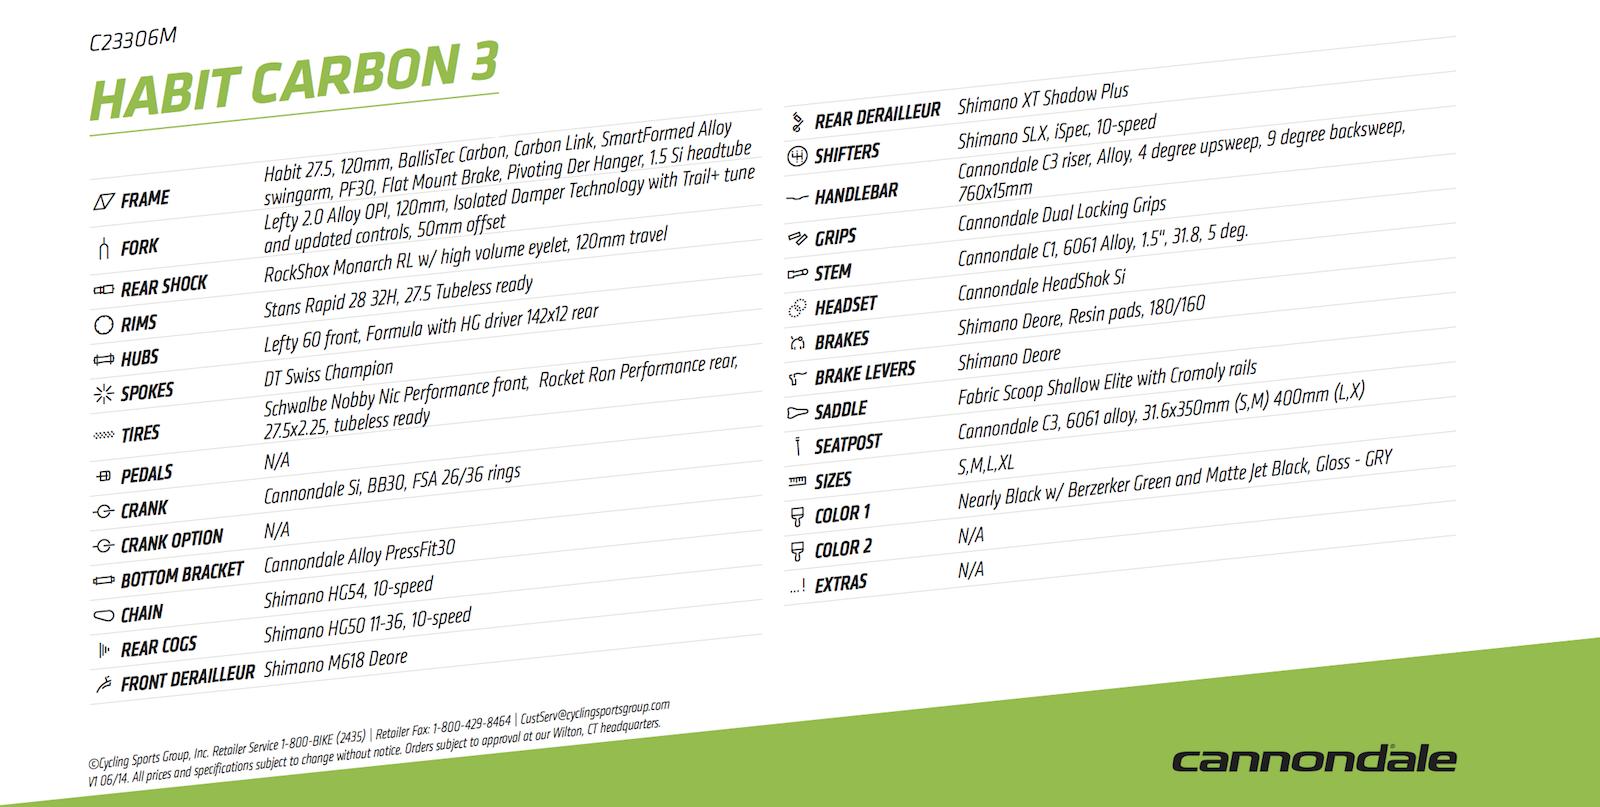 Cannondale 2016 Habit Carbon 3